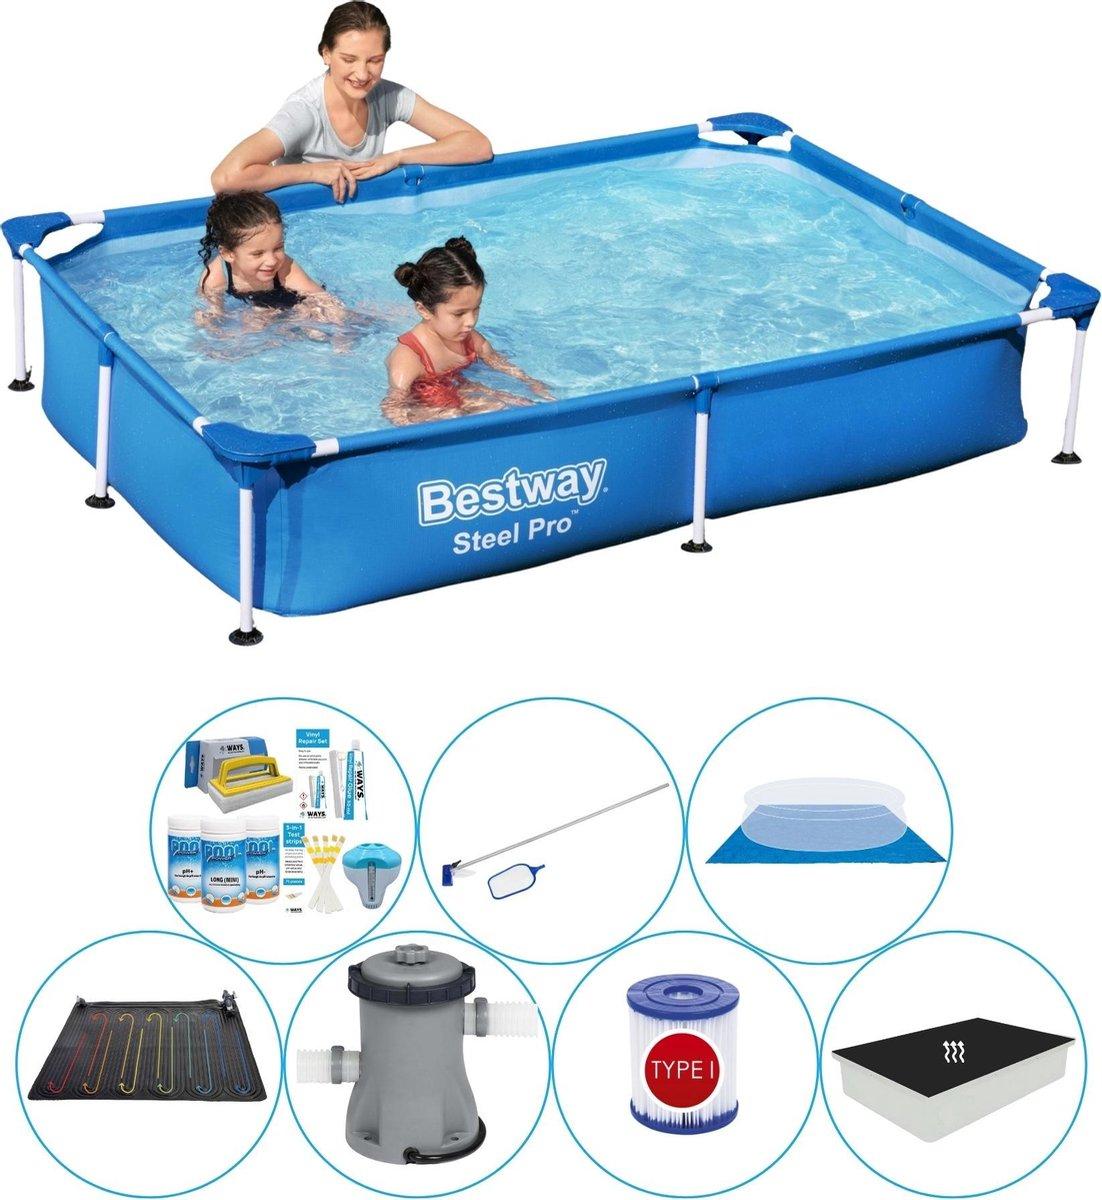 Bestway zwembad met filterpomp - 220 x 150 x 43 - inclusief chloorset